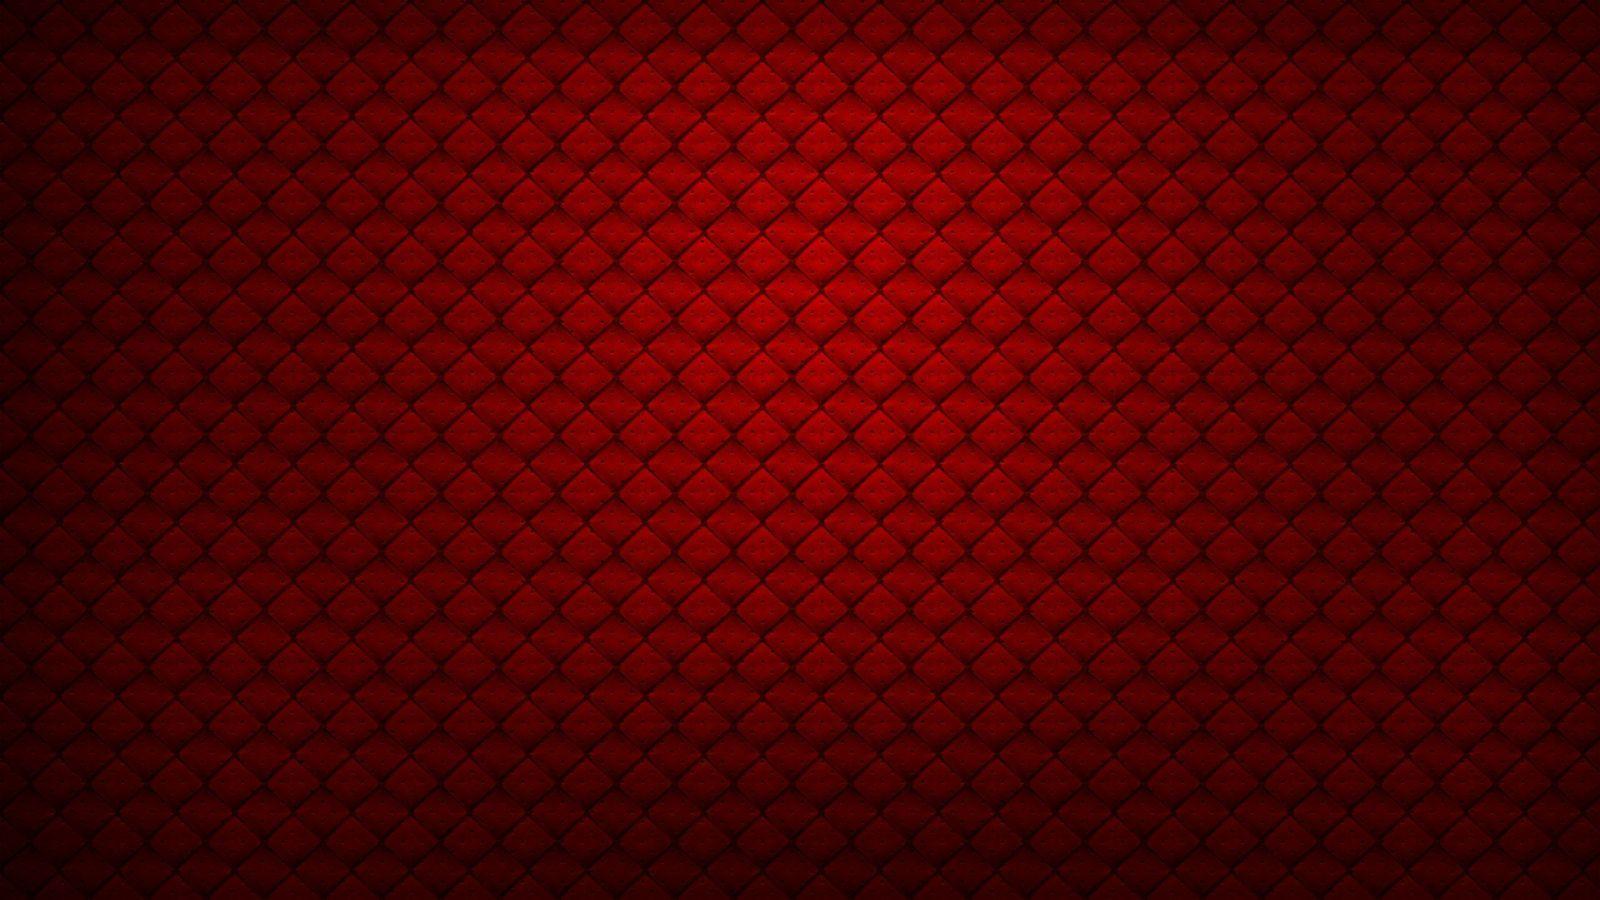 Rouge Avec Des Reflets Noirs Wallpaper Treatments En 2020 Fond Ecran Noir Fond Ecran Noel Fond Ecran Ipad